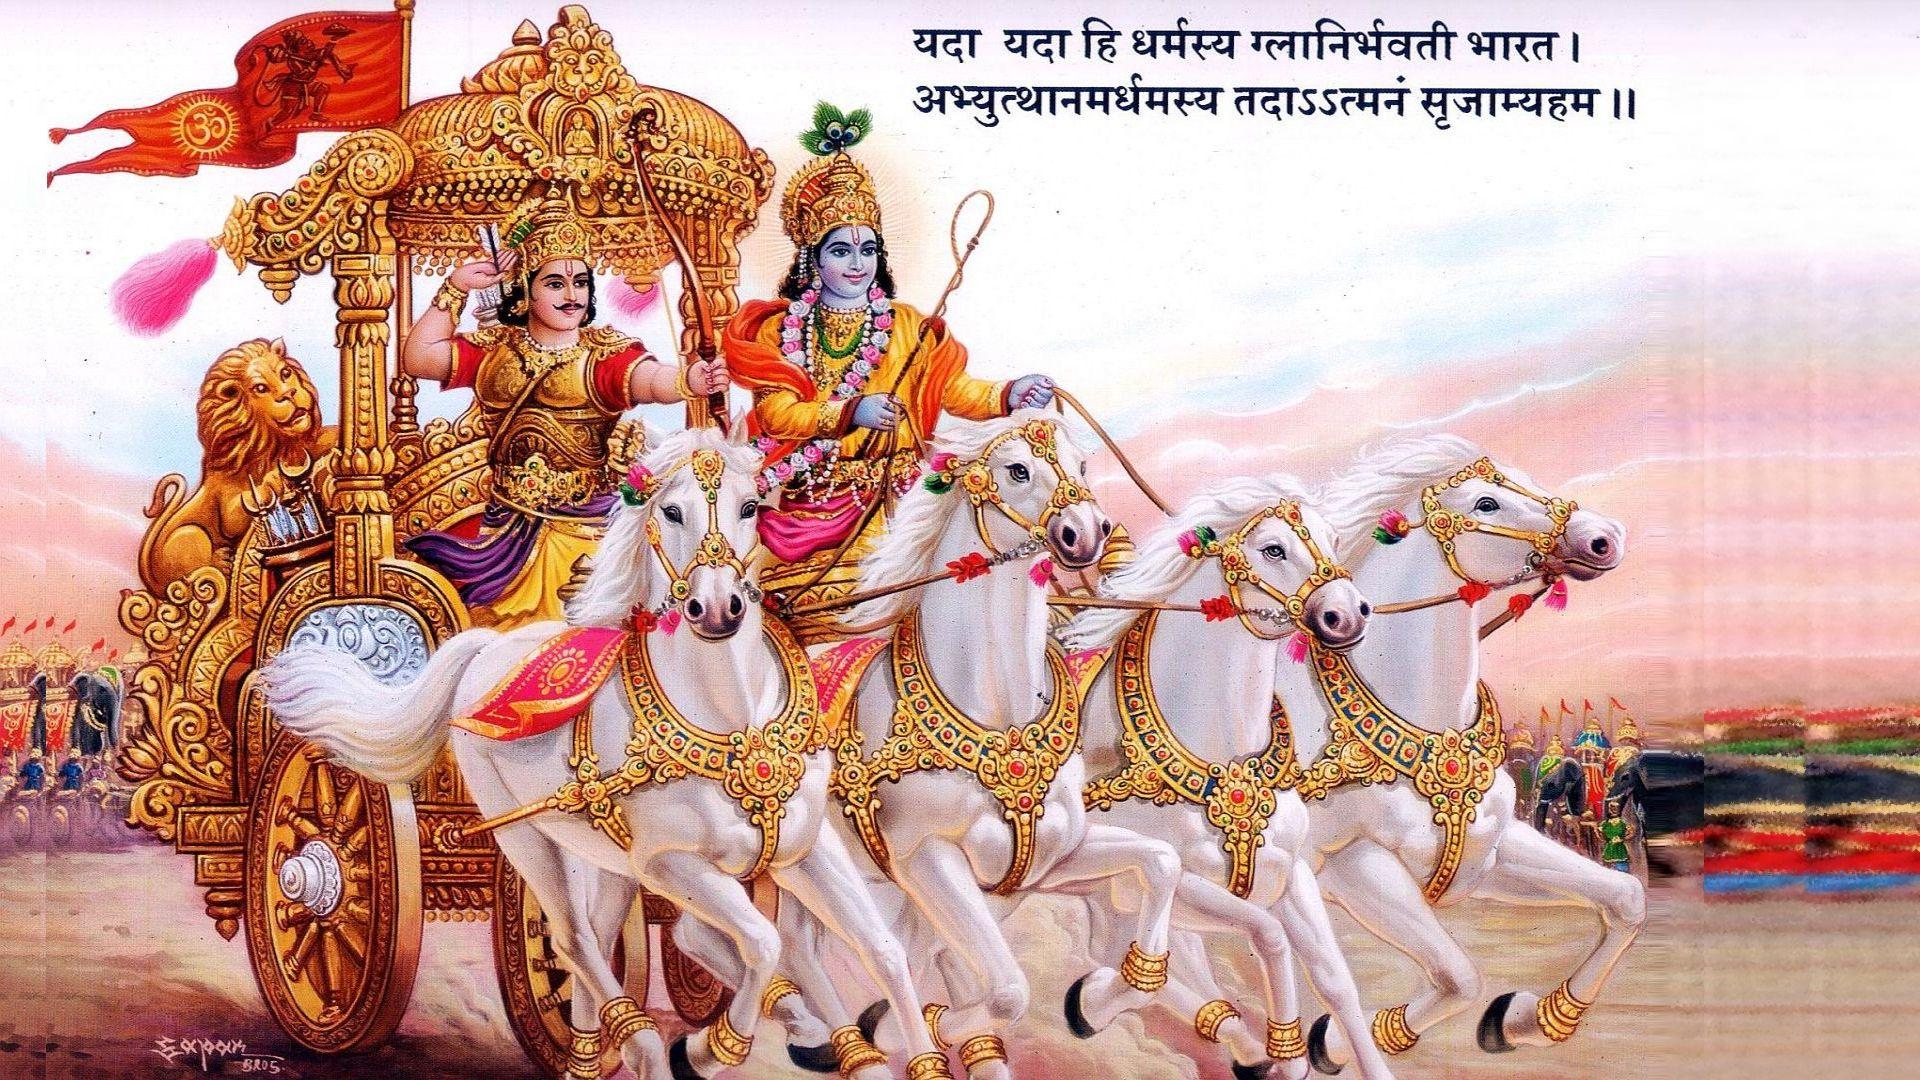 Lord Krishna Geeta Saar Wall Poster